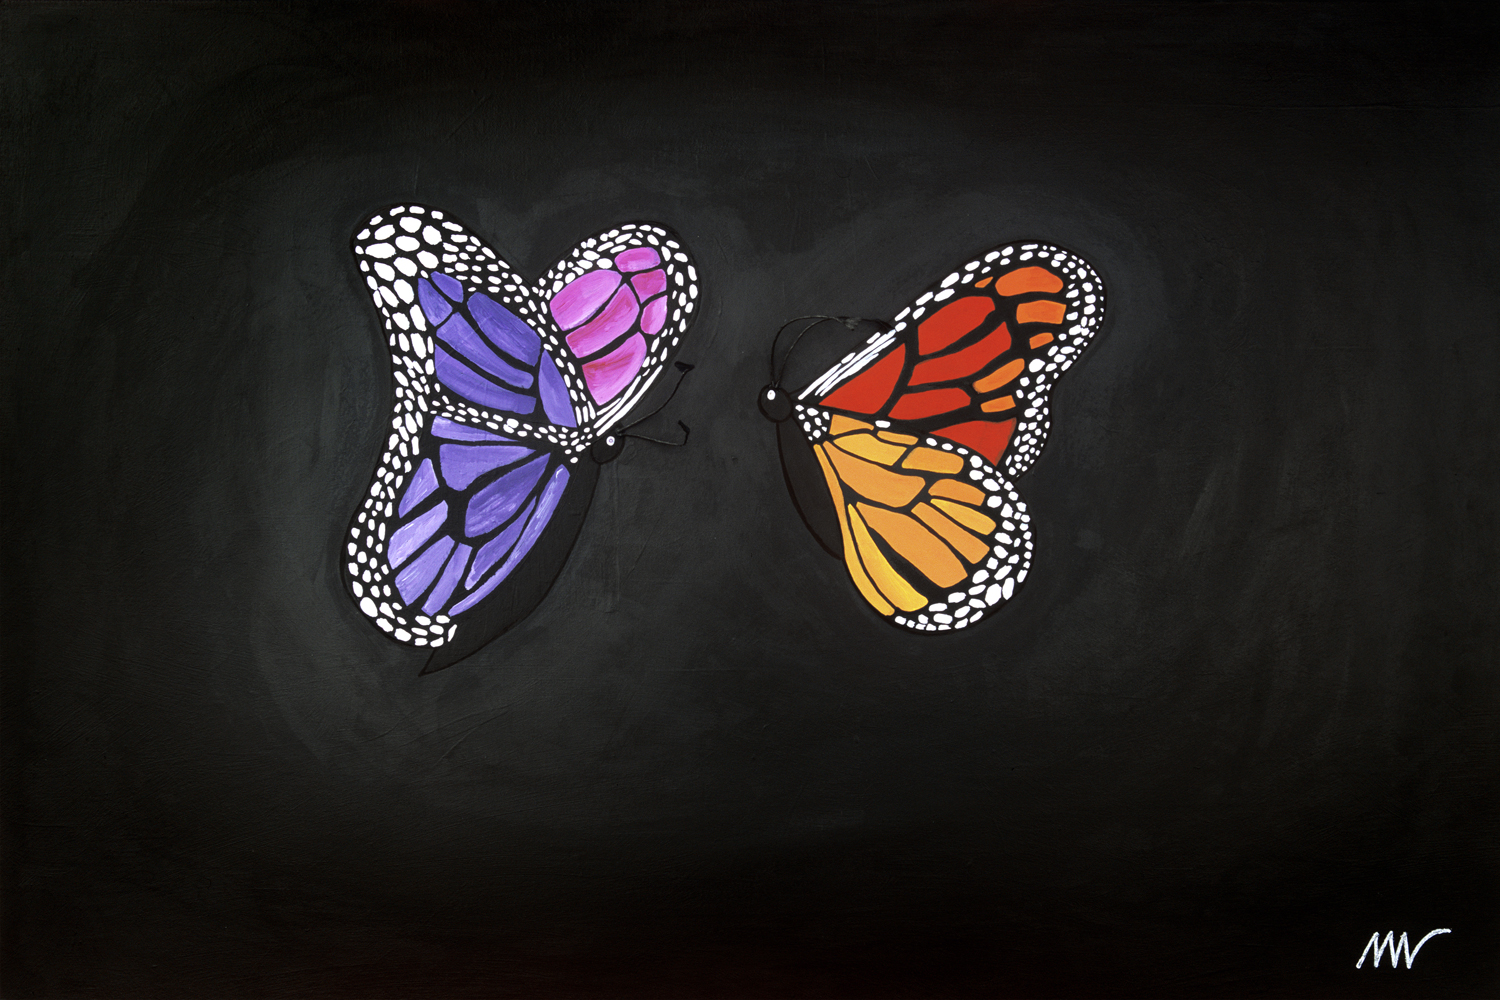 Incontri I - Farfalle ris72